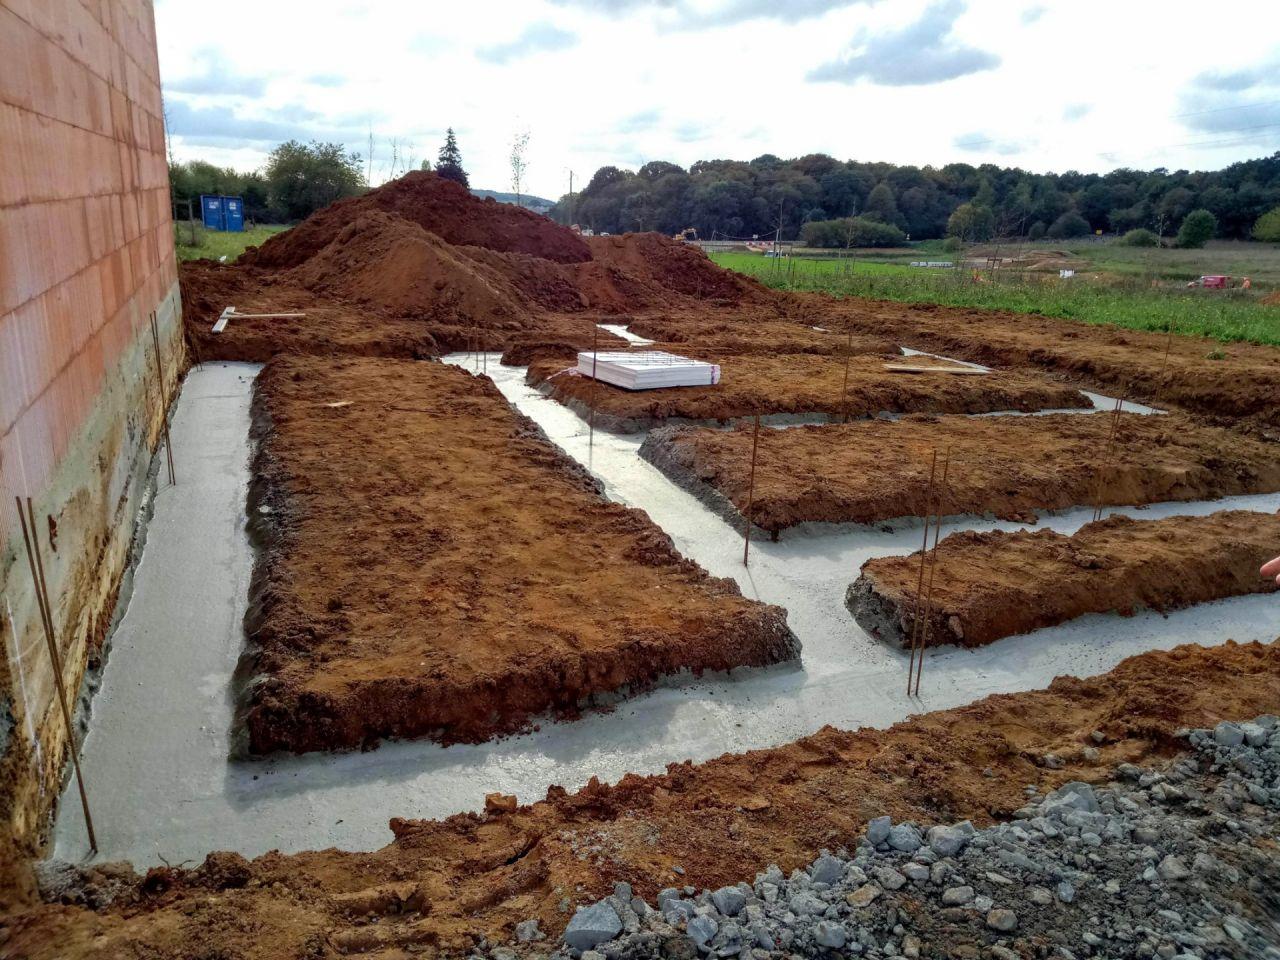 Cela démarre vite. Tout va bien pour le moment. Nous croisons les doigts car la construction d'une maison n'est pas toujours un long fleuve tranquille pour les futurs propriétaires.